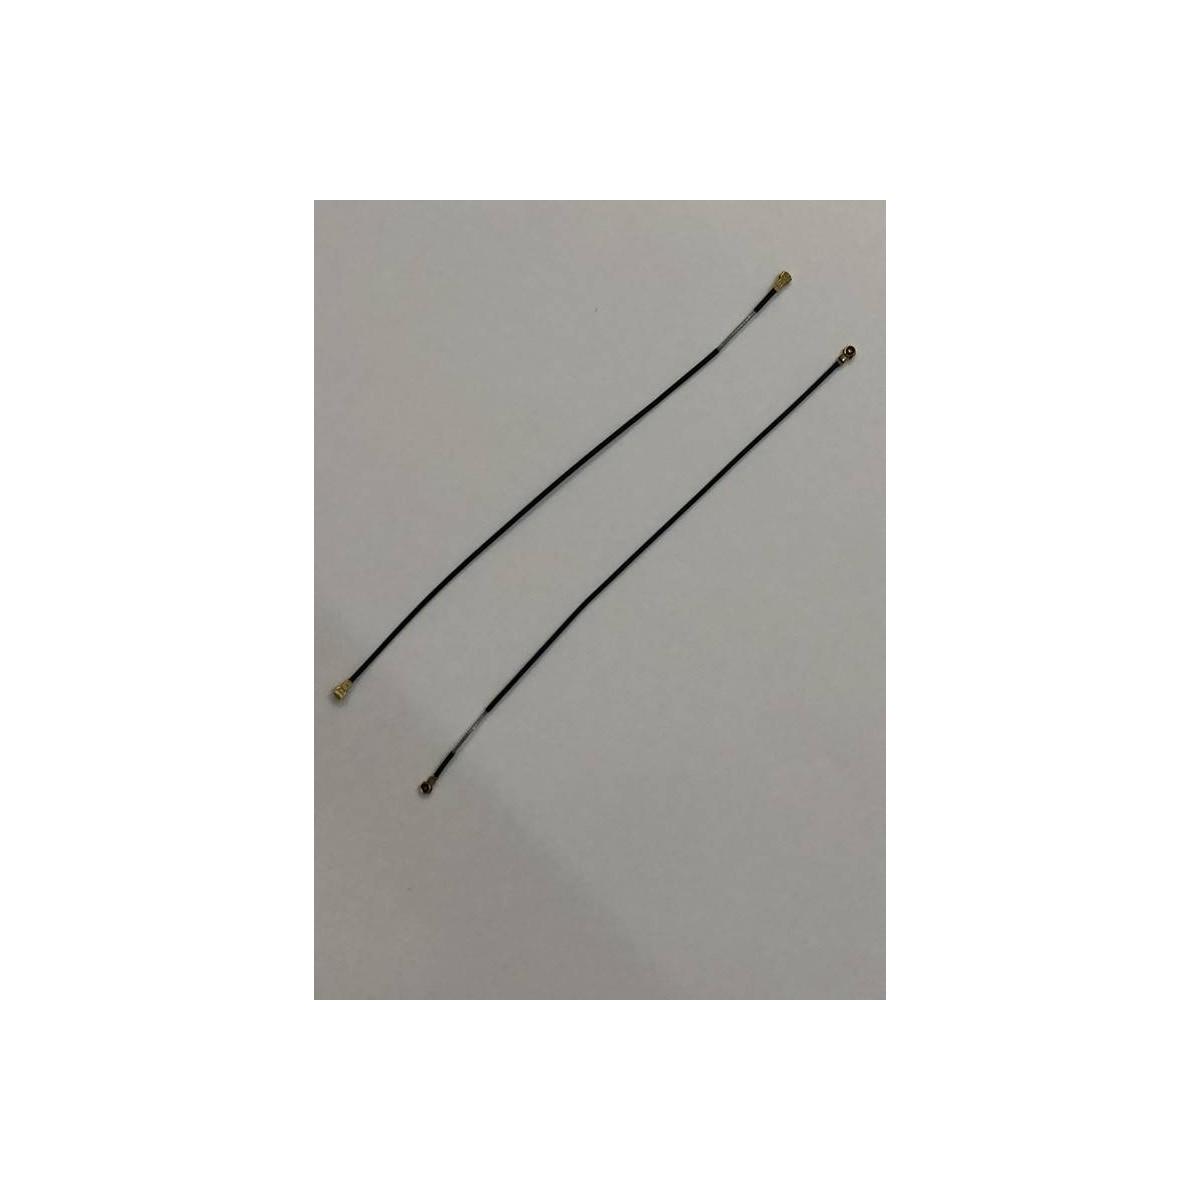 Cable de antena coaxial de 10cm Original para BQ Aquaris  V/U2/U2 Lite